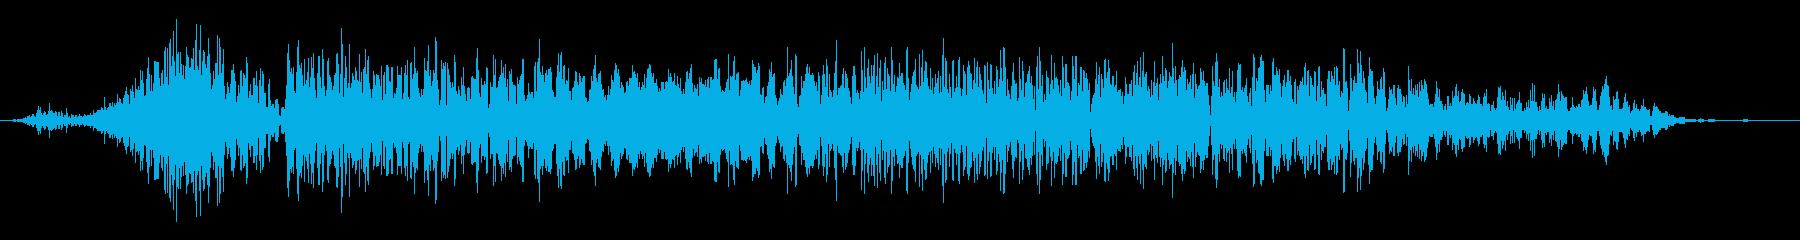 カエル モンスター ゲーム 敗北時の再生済みの波形